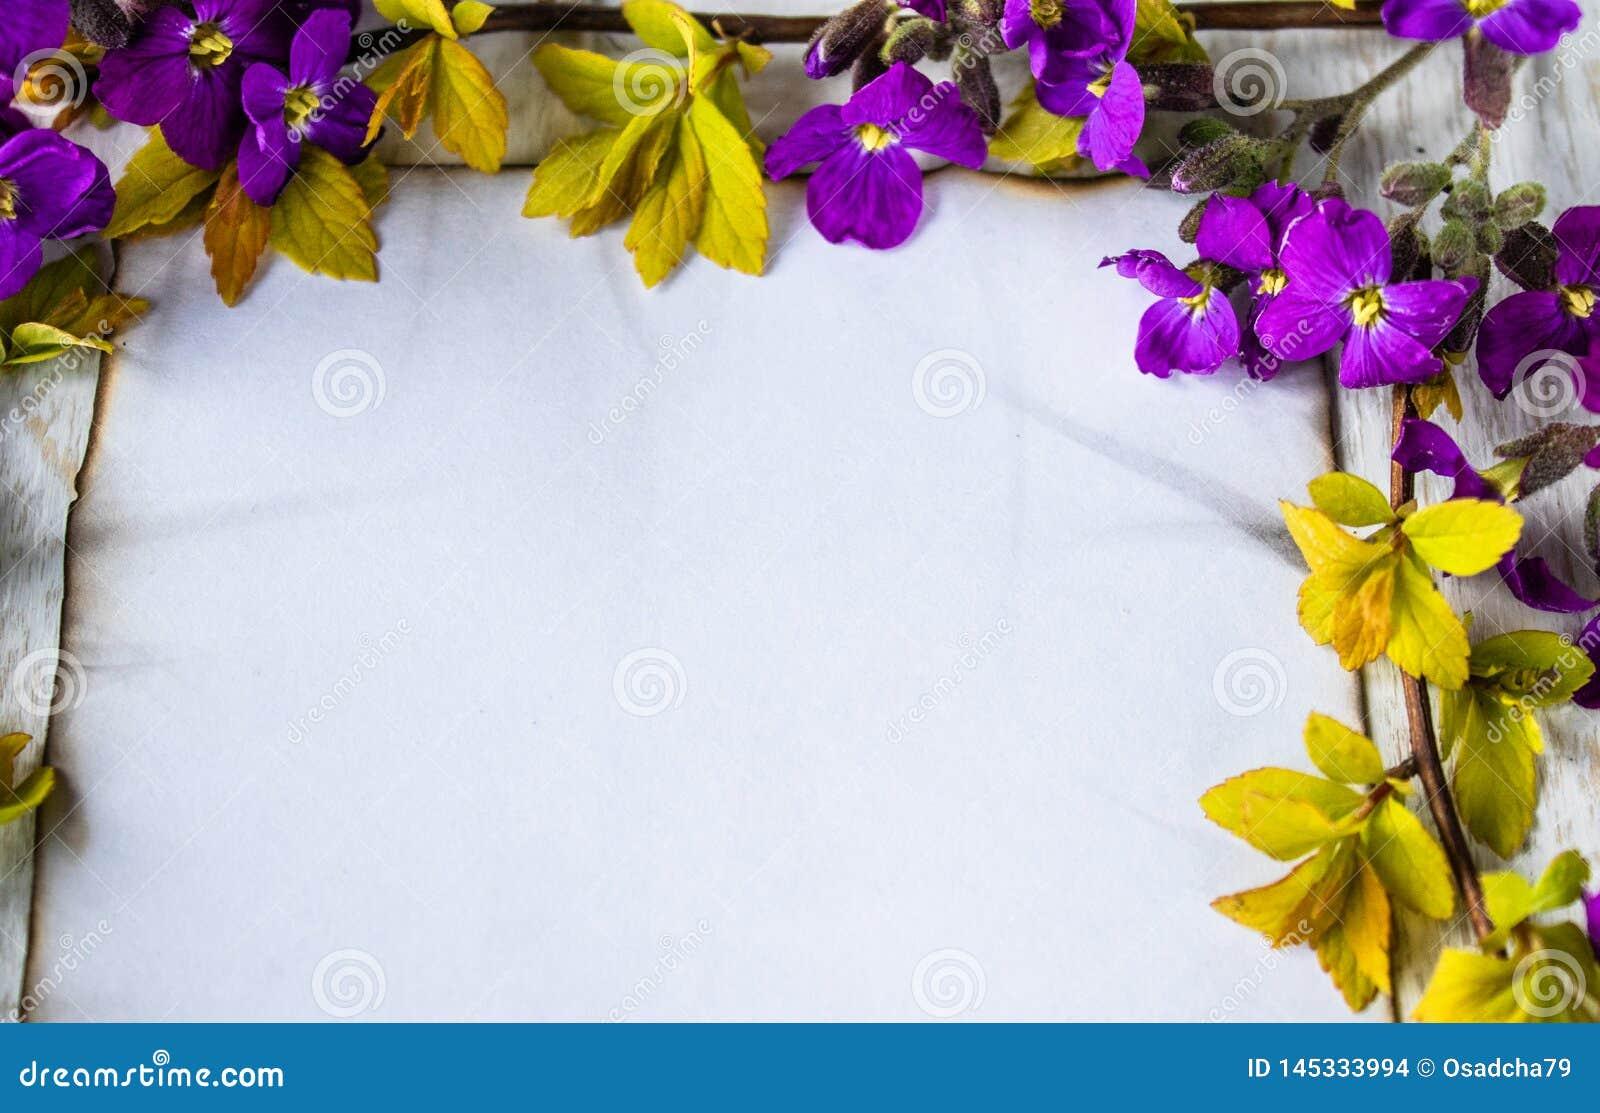 Στους λευκούς ξύλινους πίνακες, τους κλάδους με τα κίτρινα φύλλα και τα πορφυρά λουλούδια, ένα άσπρο φύλλο του εγγράφου έκαψε στι